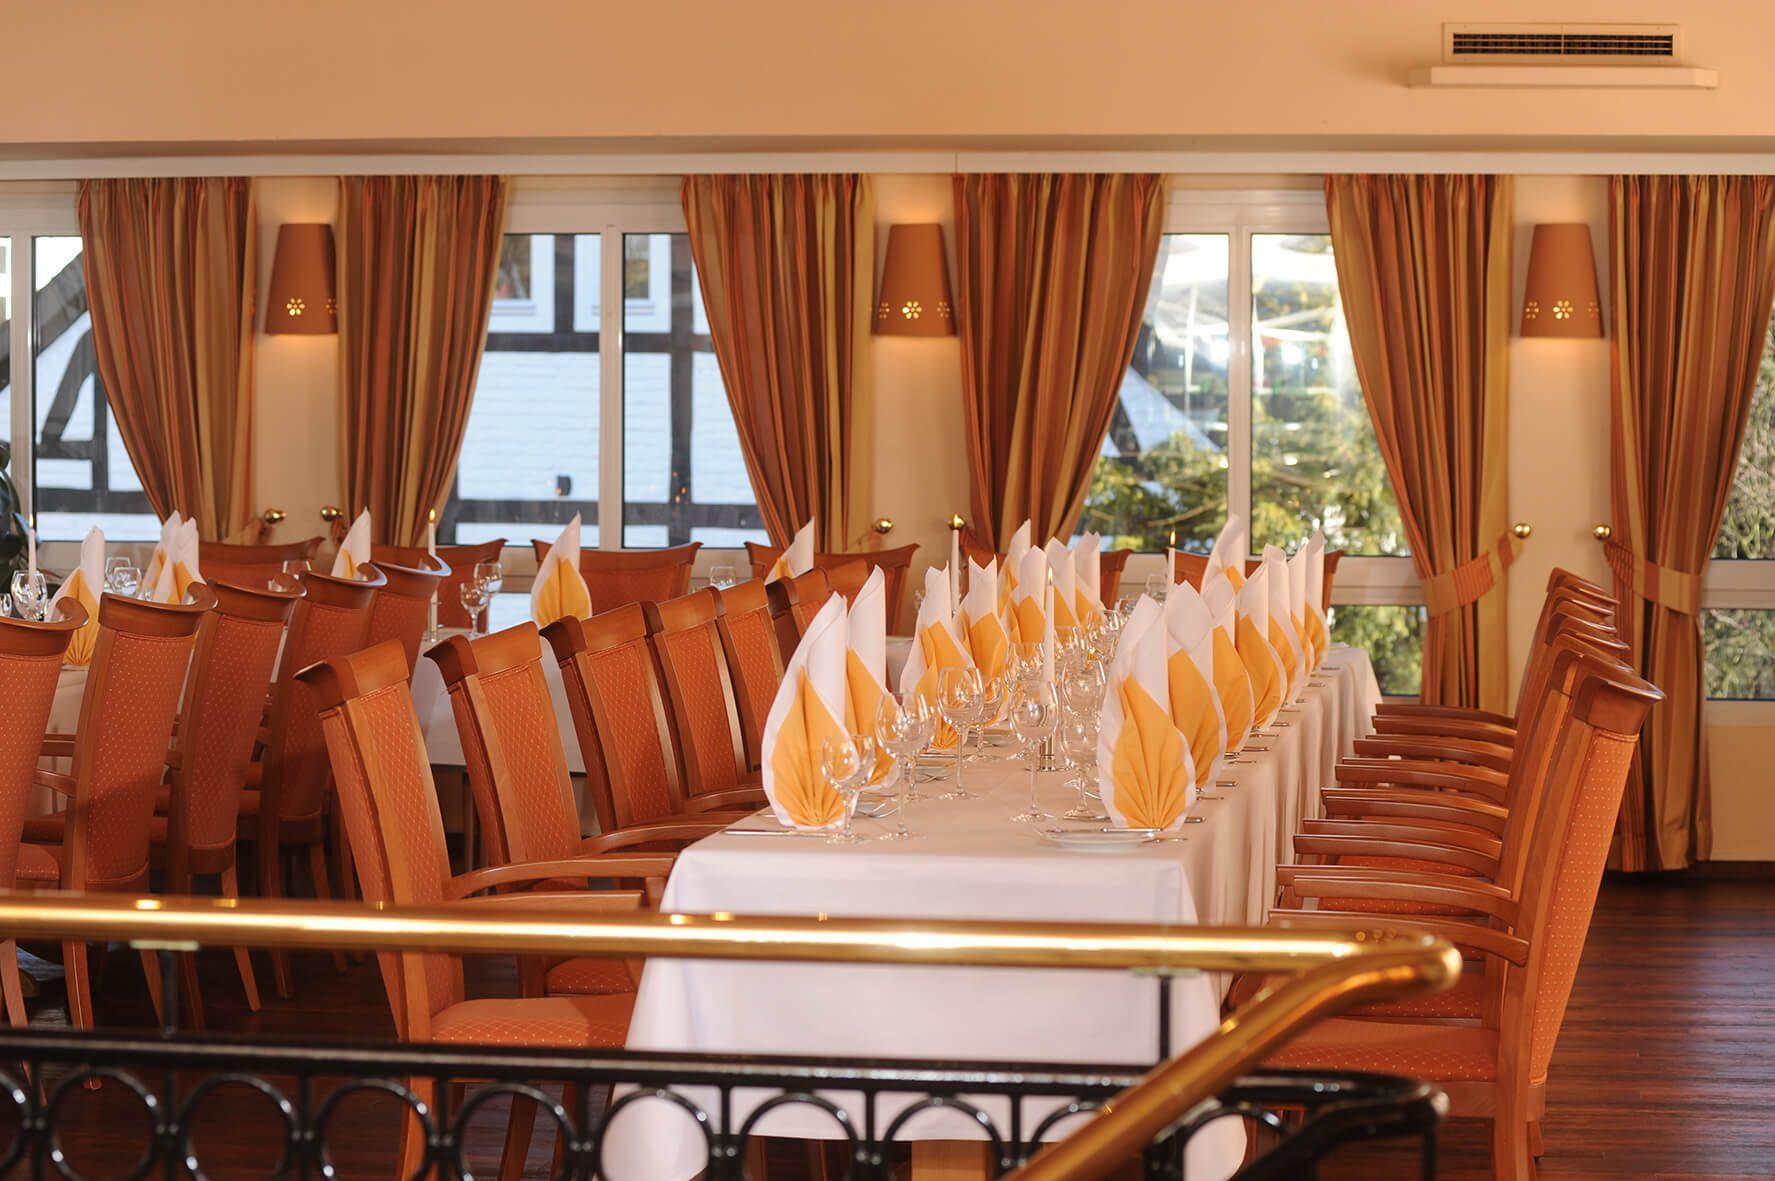 """Festlich eingedeckte Tische, Mit Segel-Servietten im Veranstaltungsraum """"Atrium""""des AMBER HOTEL Hilden/Düsseldorf"""